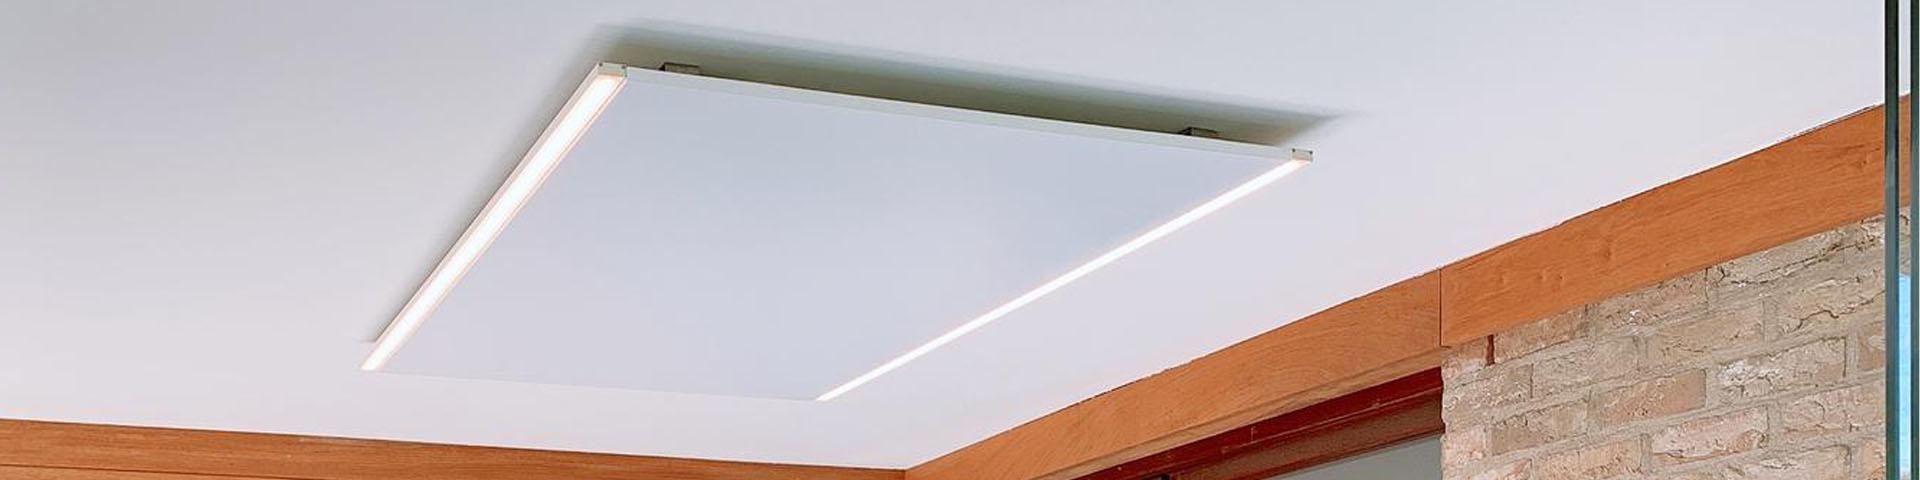 ecaros-led-slide-001